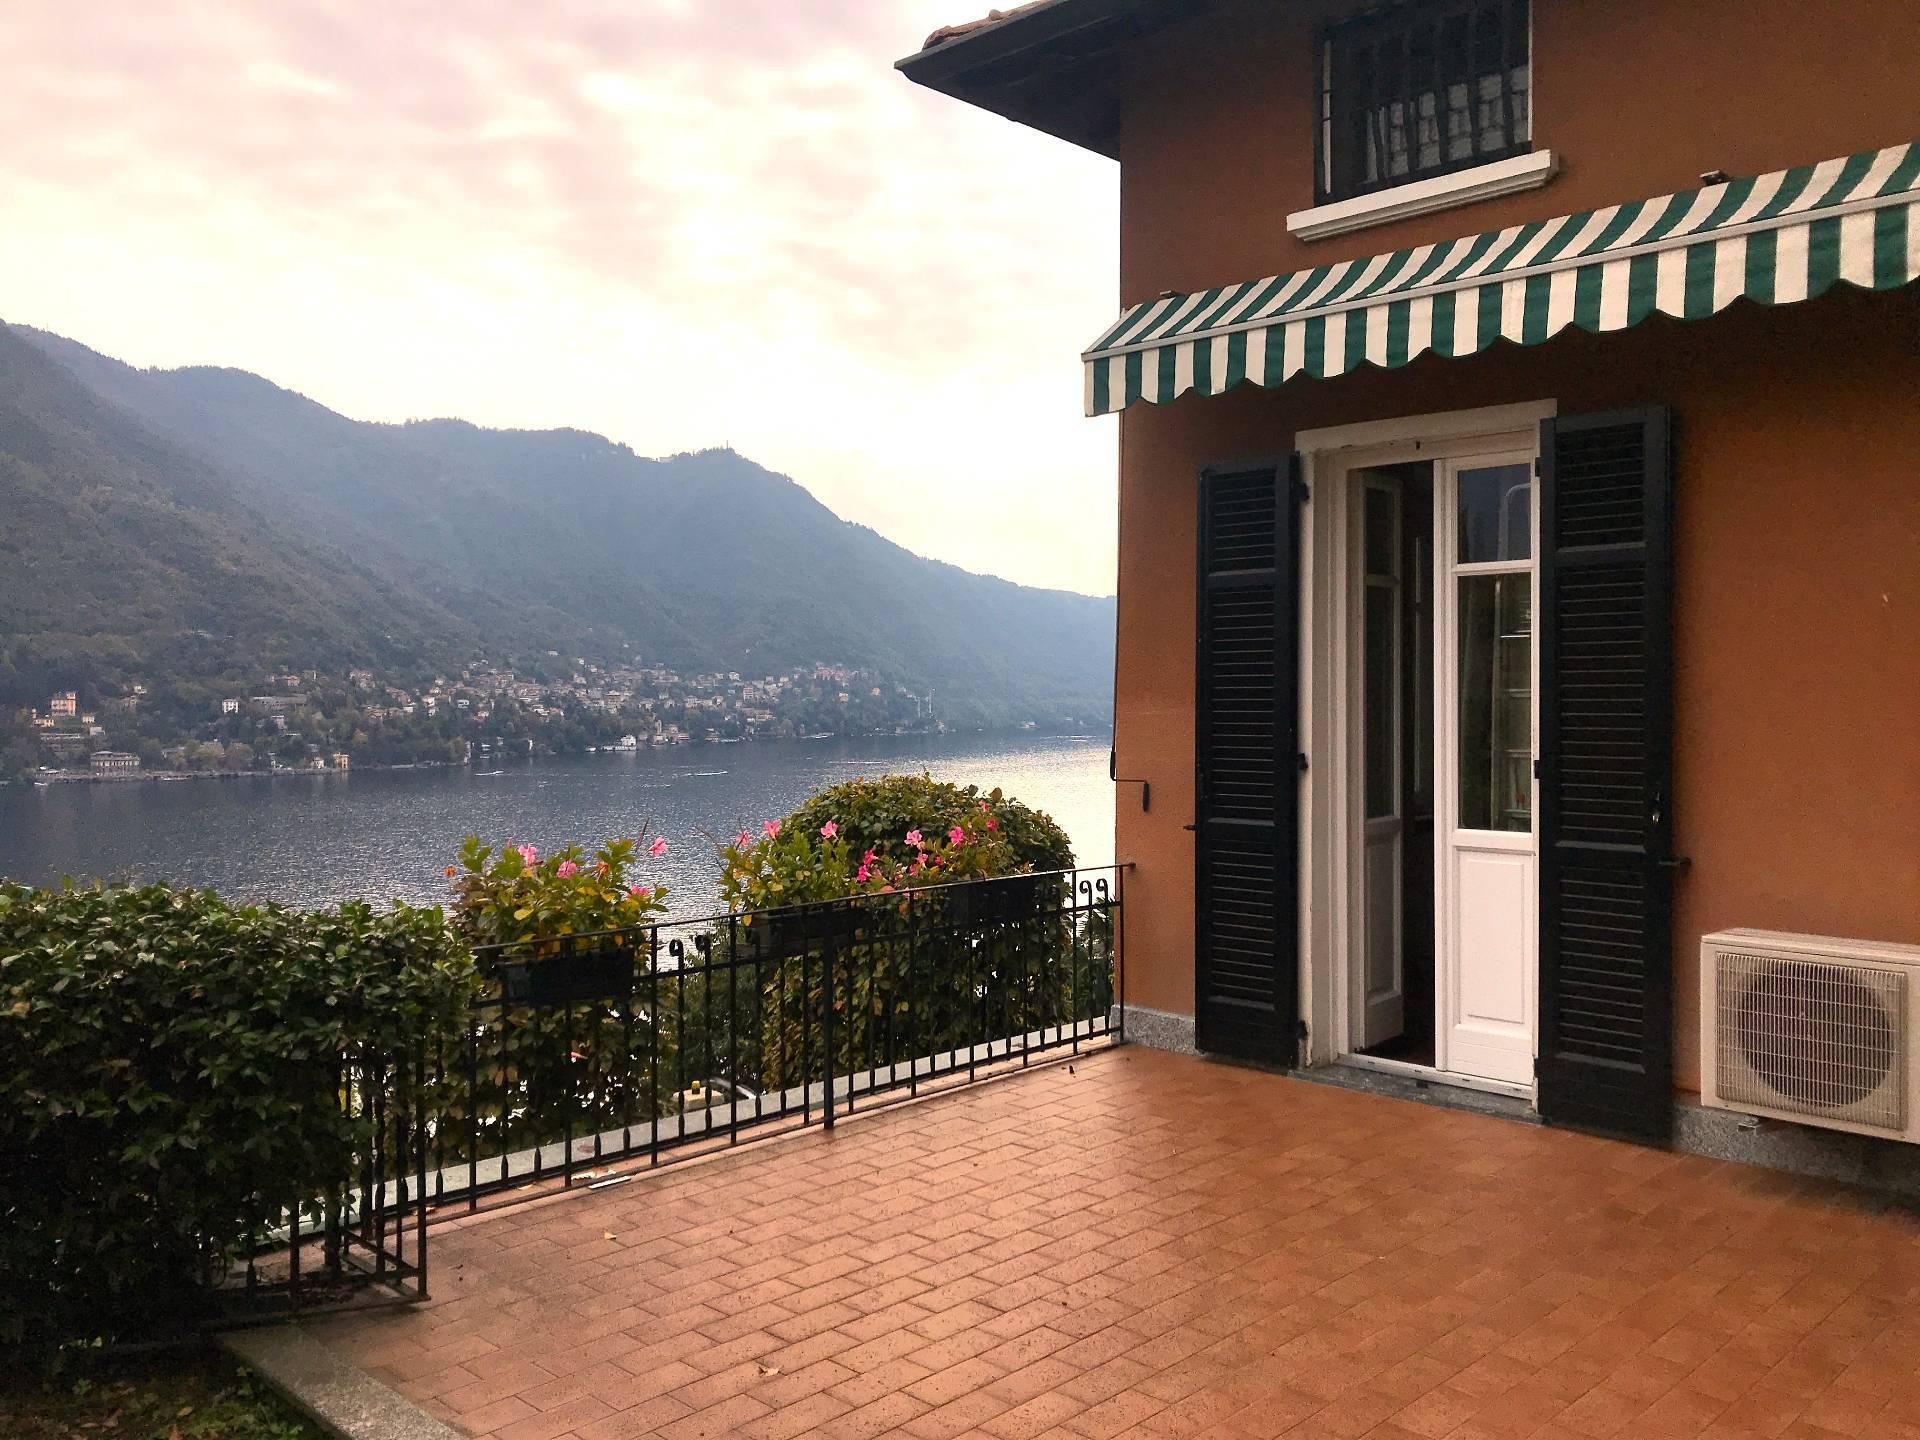 Villa in Vendita a Moltrasio: 5 locali, 230 mq - Foto 9